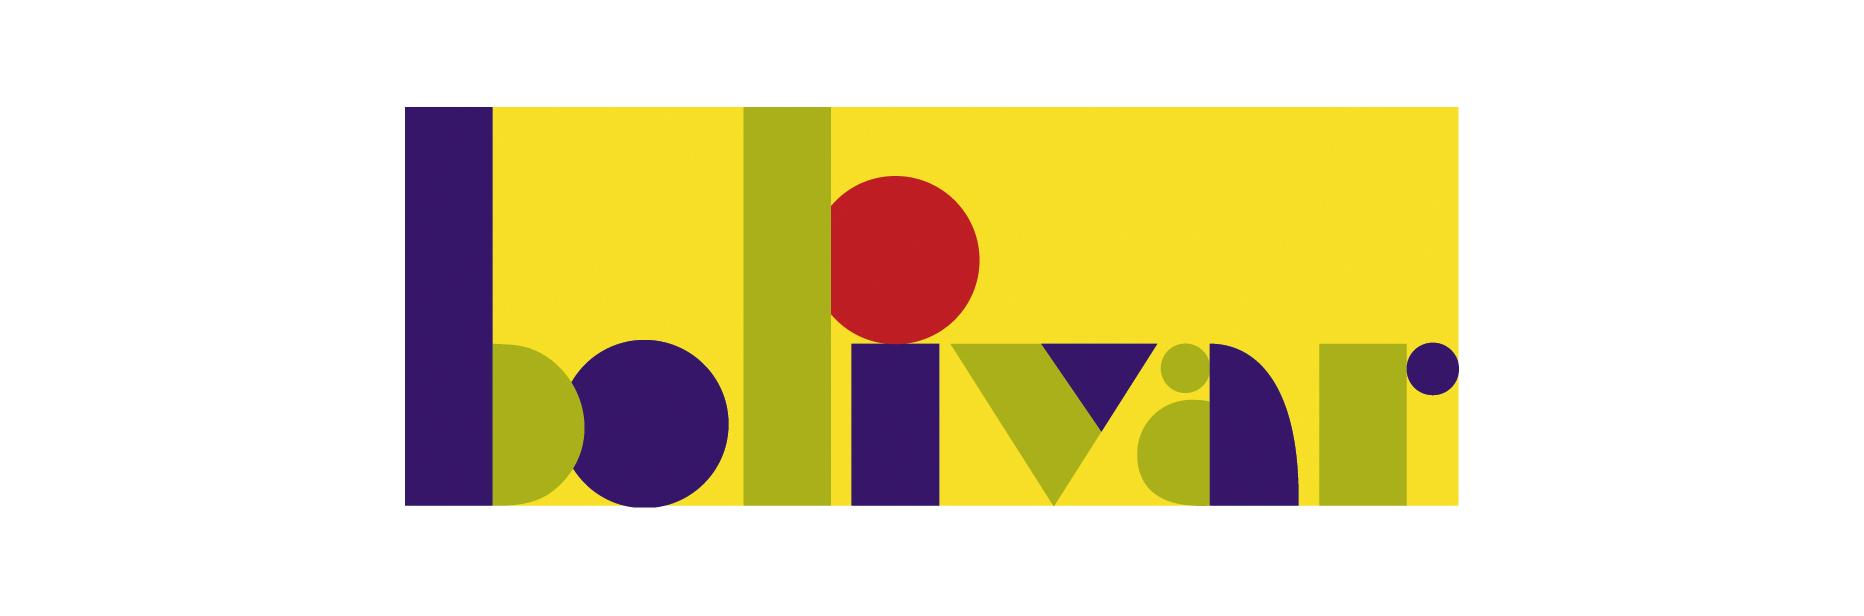 Bolivar_logo.jpg